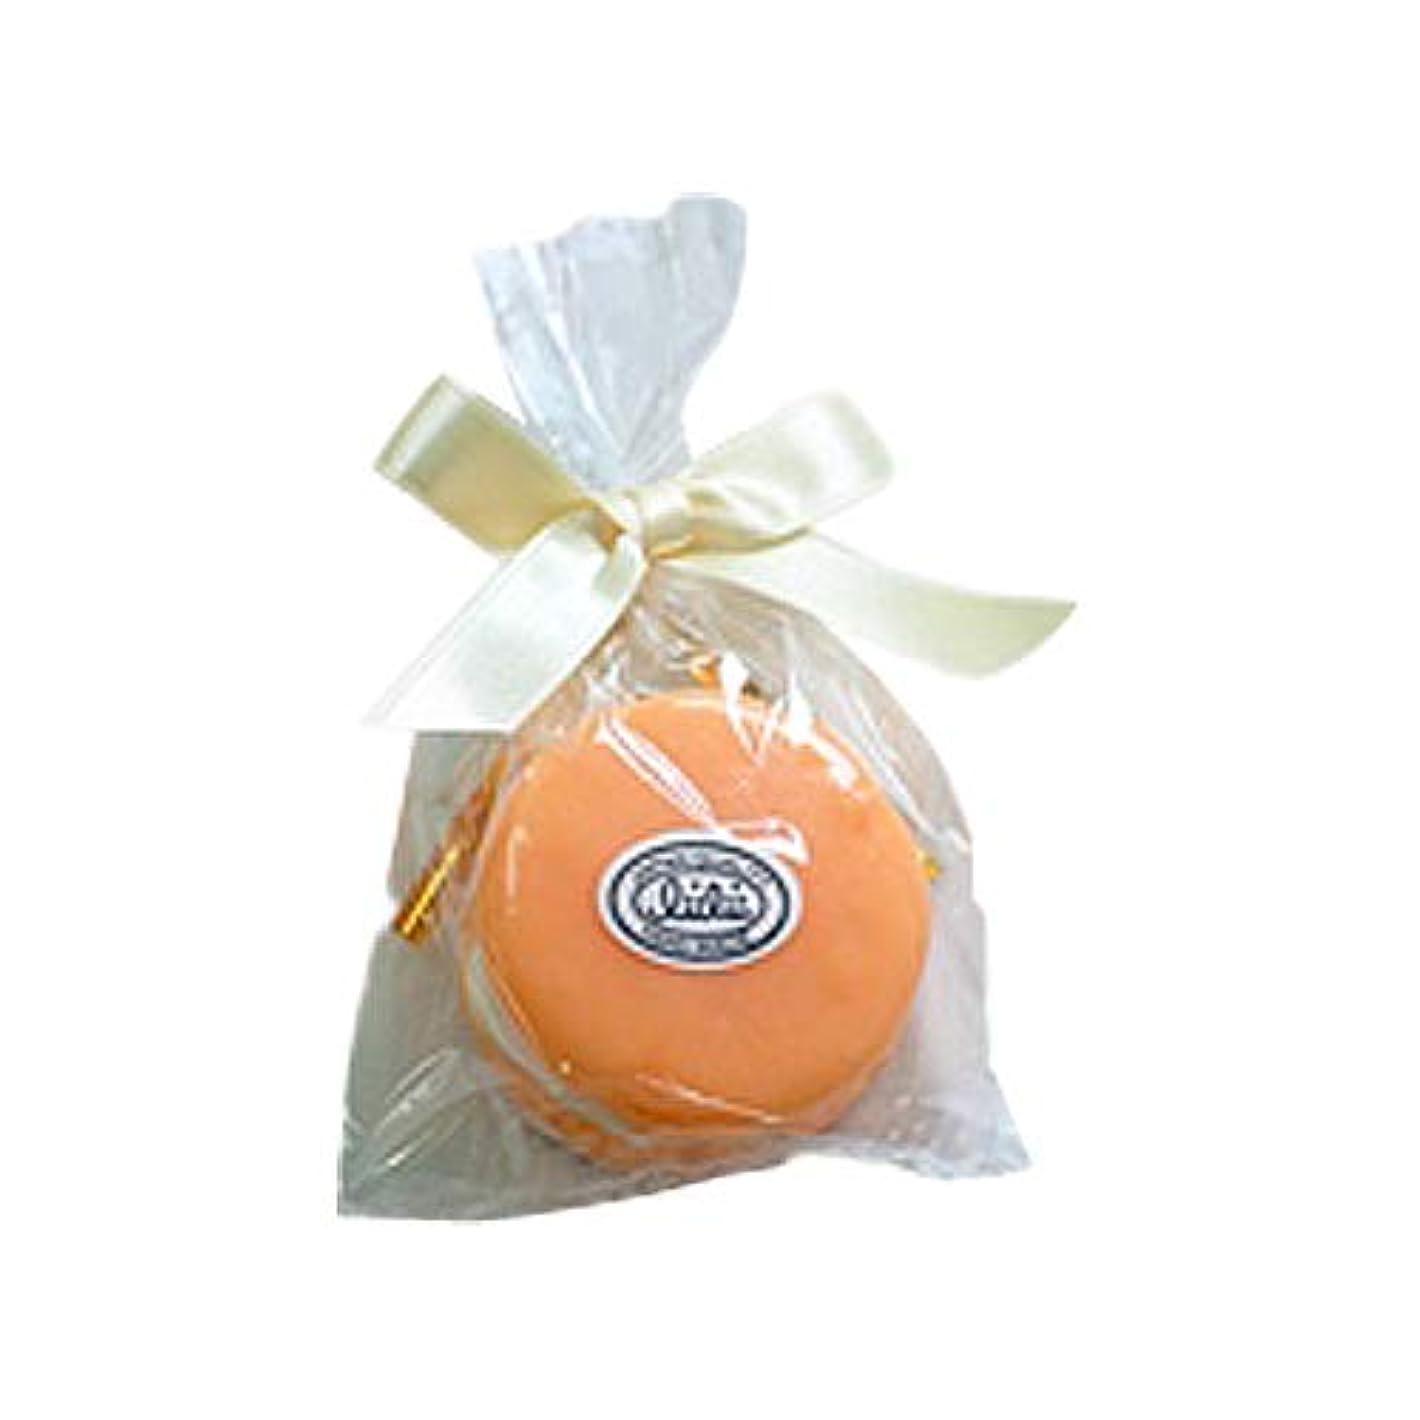 争い玉状態リィリィ マカロンソープ MS-OR オレンジ